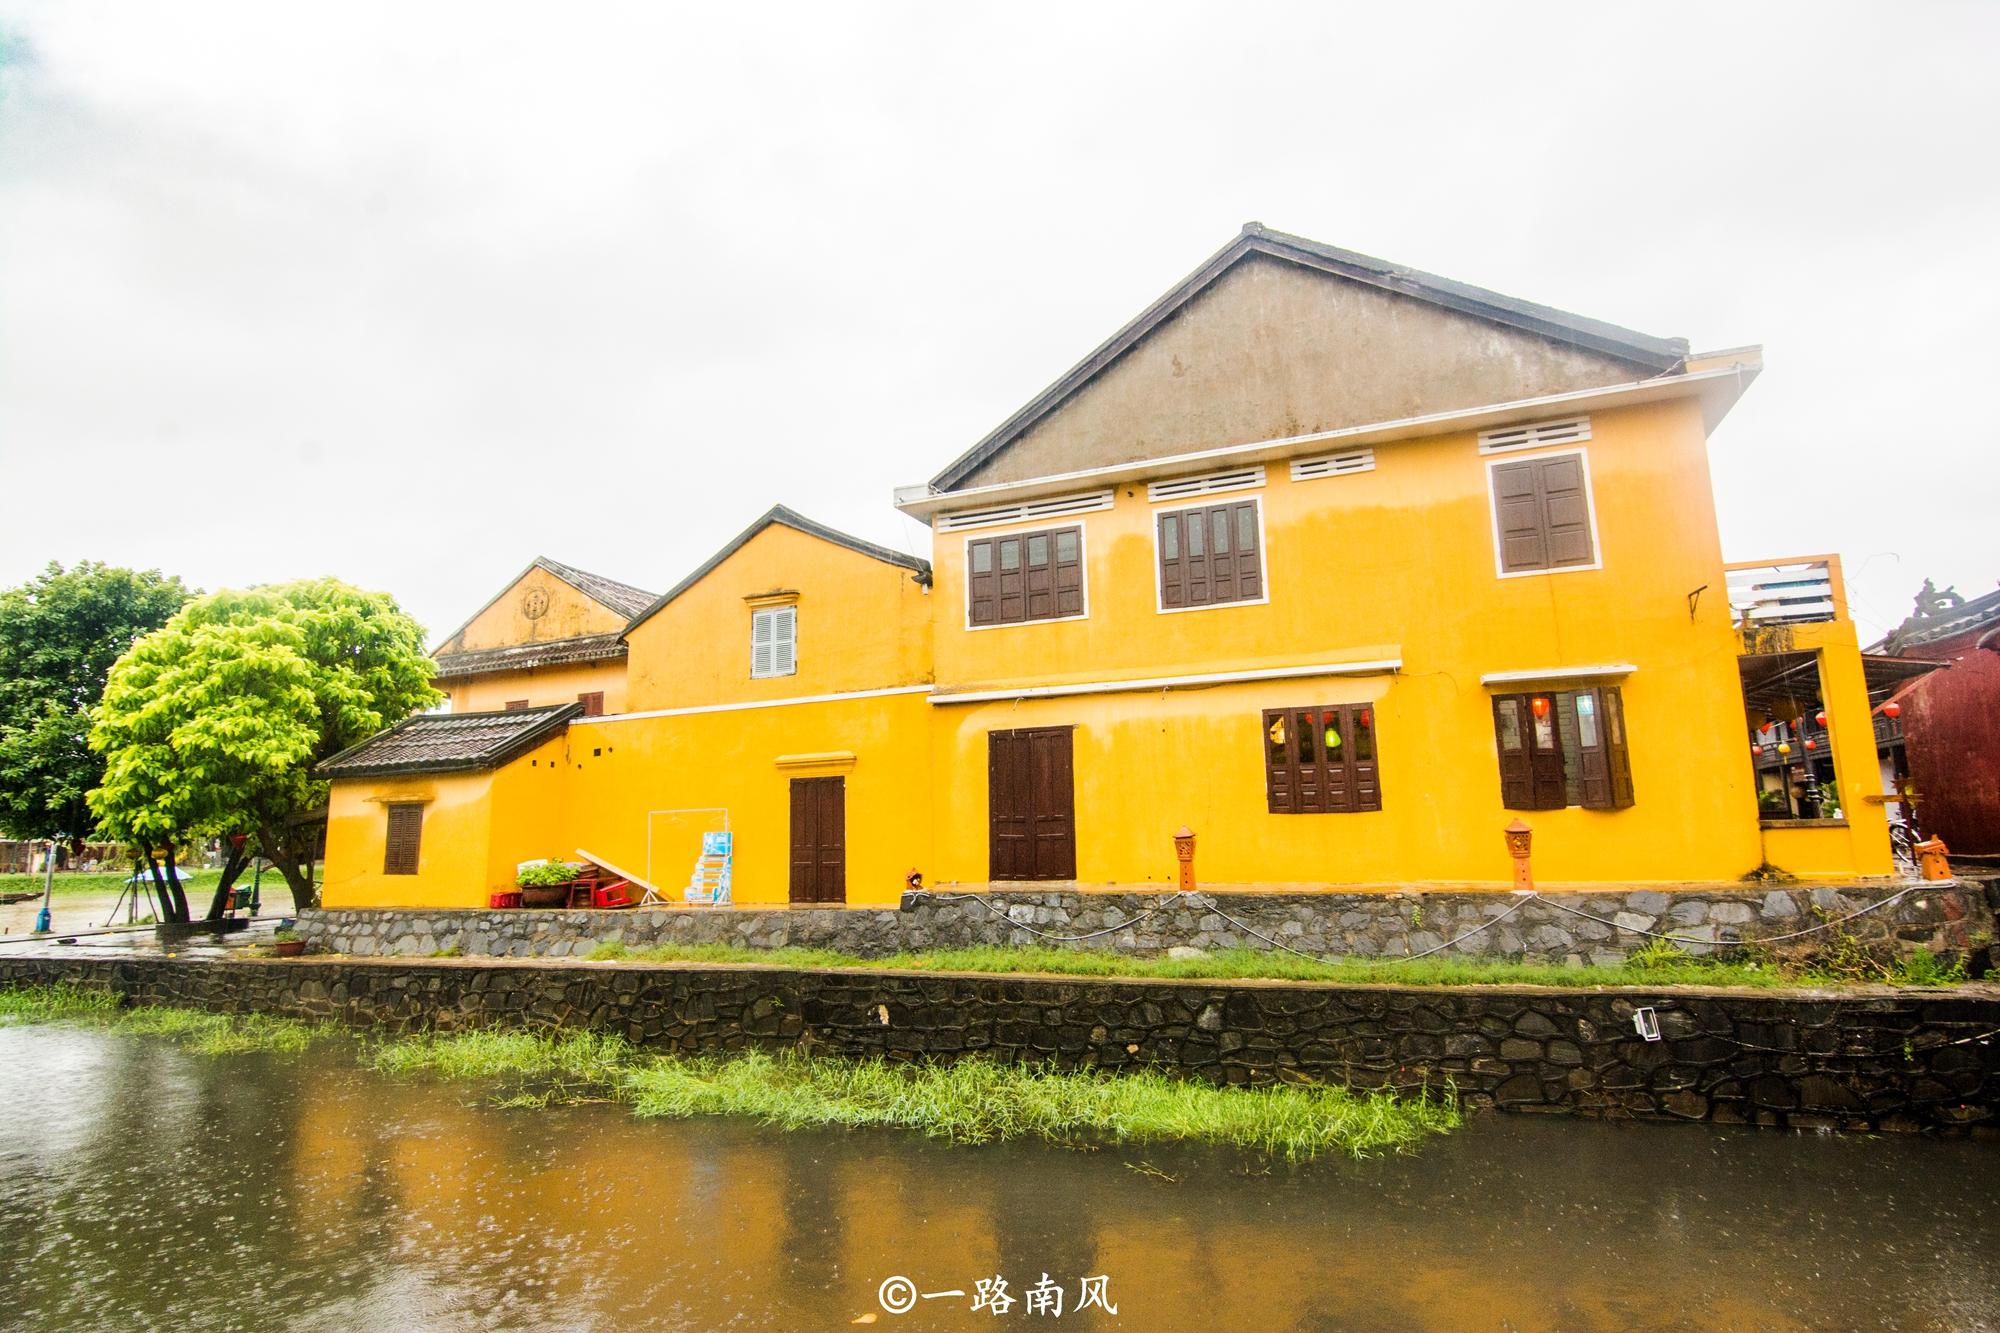 """越南最特别的古城,到处""""法国""""建筑,一些老房子上还有汉字!_旅游"""